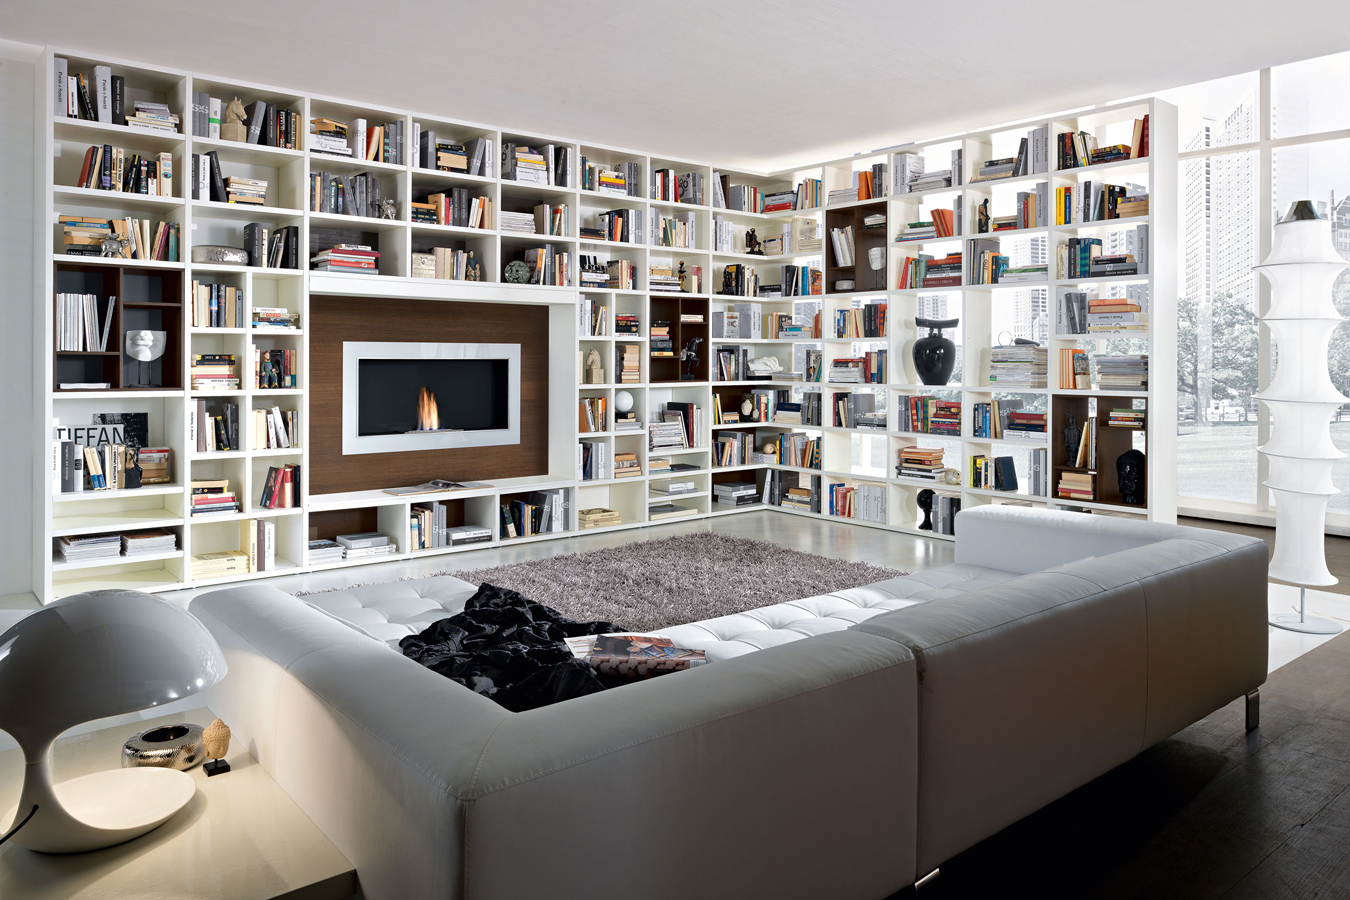 Libreria Bianca Arredamento.Kiko Arredamenti Soggiorno Libreria Bianca Divisorio